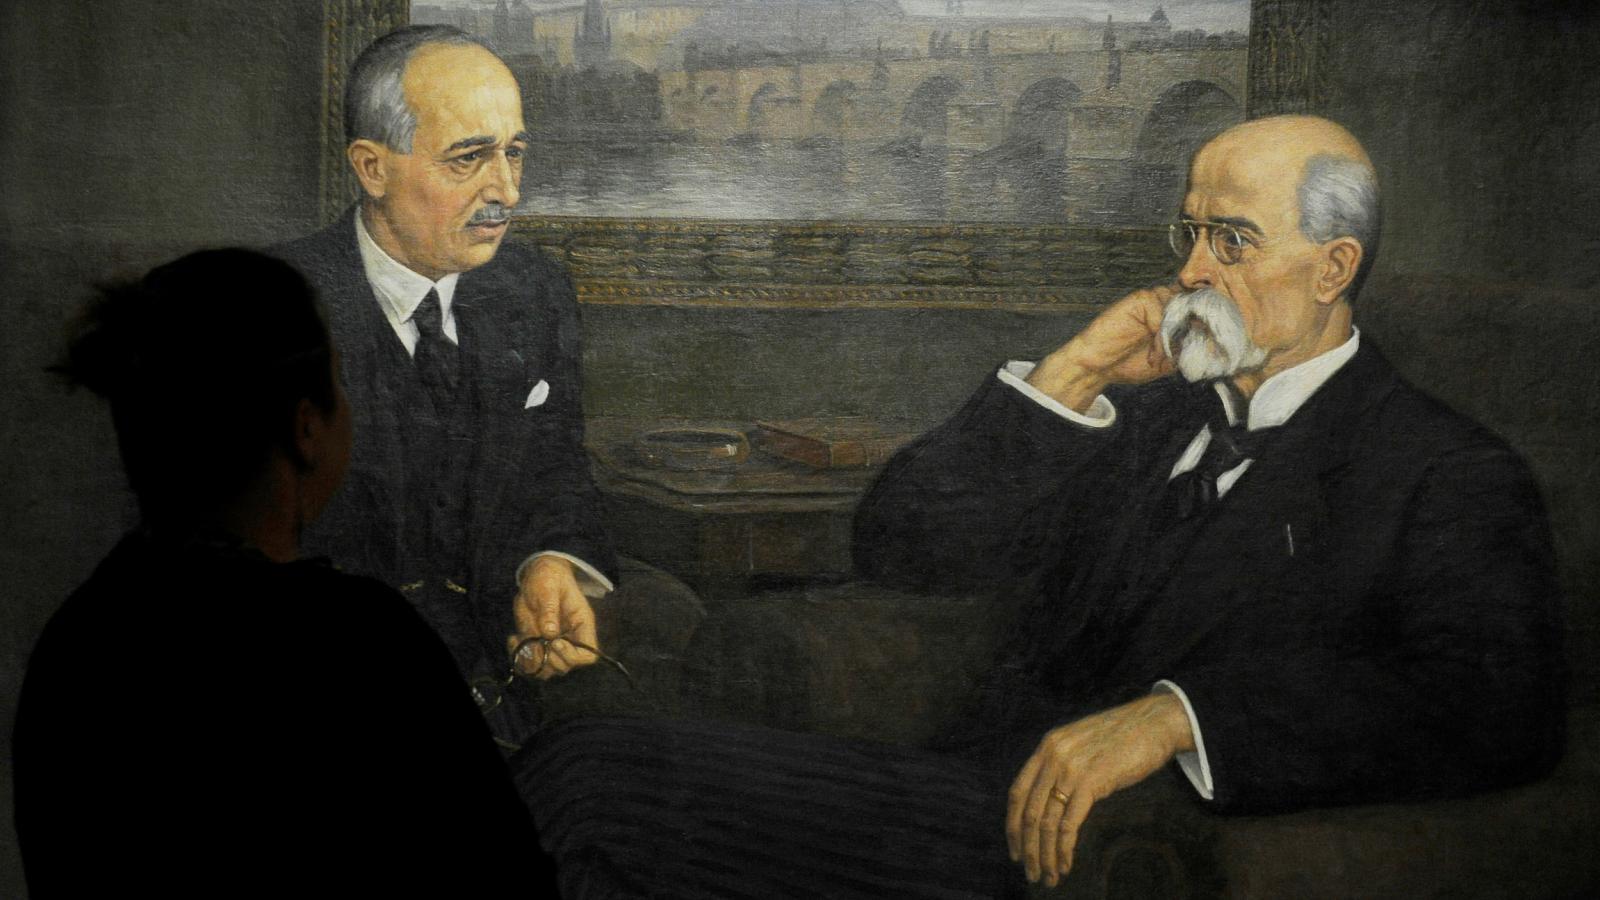 Edvard Beneš a TGM na obrazu z kanceláře guvernéra Podkarpatské Rusi